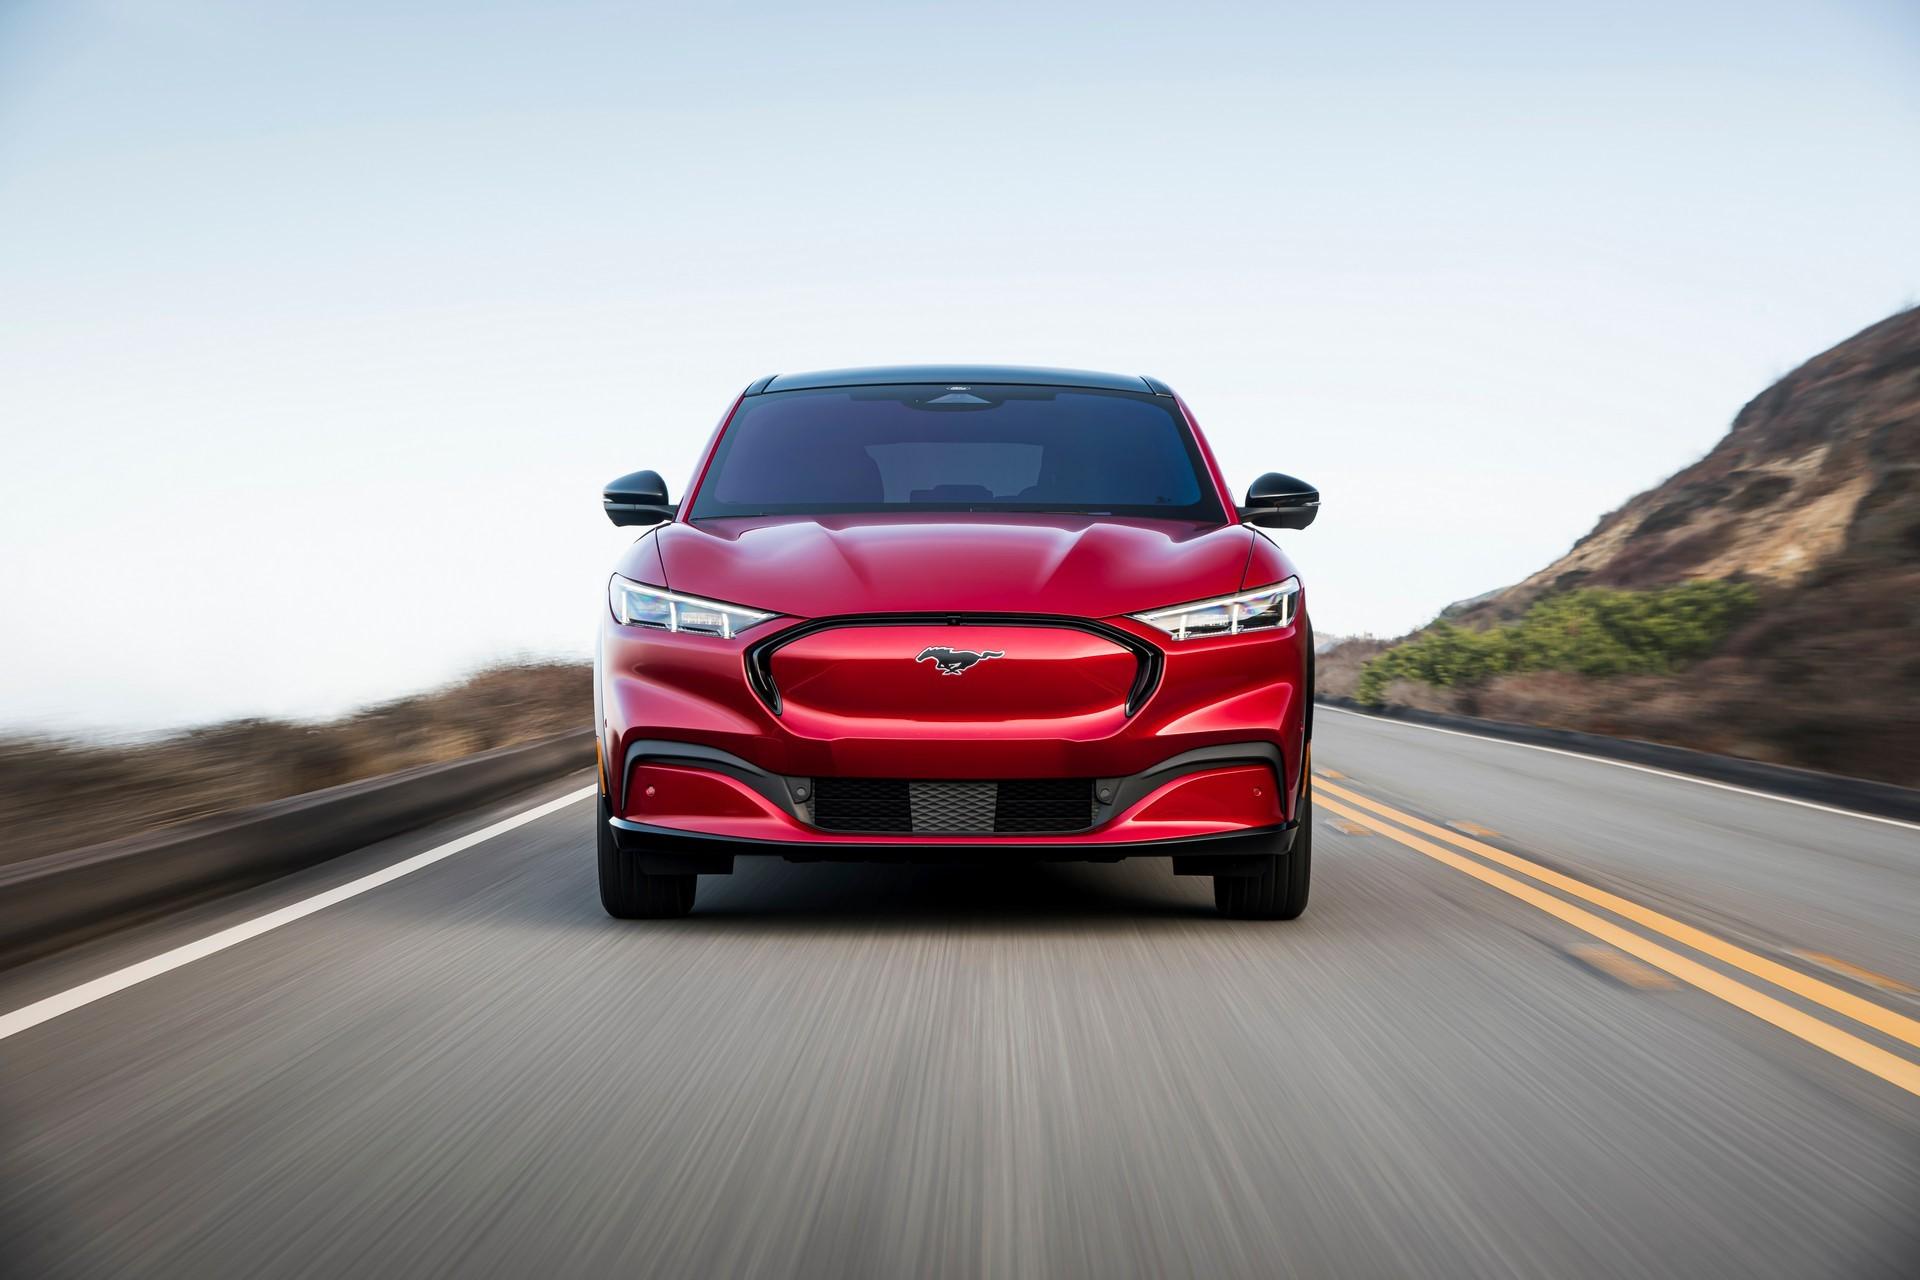 到2025年,福特将电动汽车和自主投资增加至290亿美元